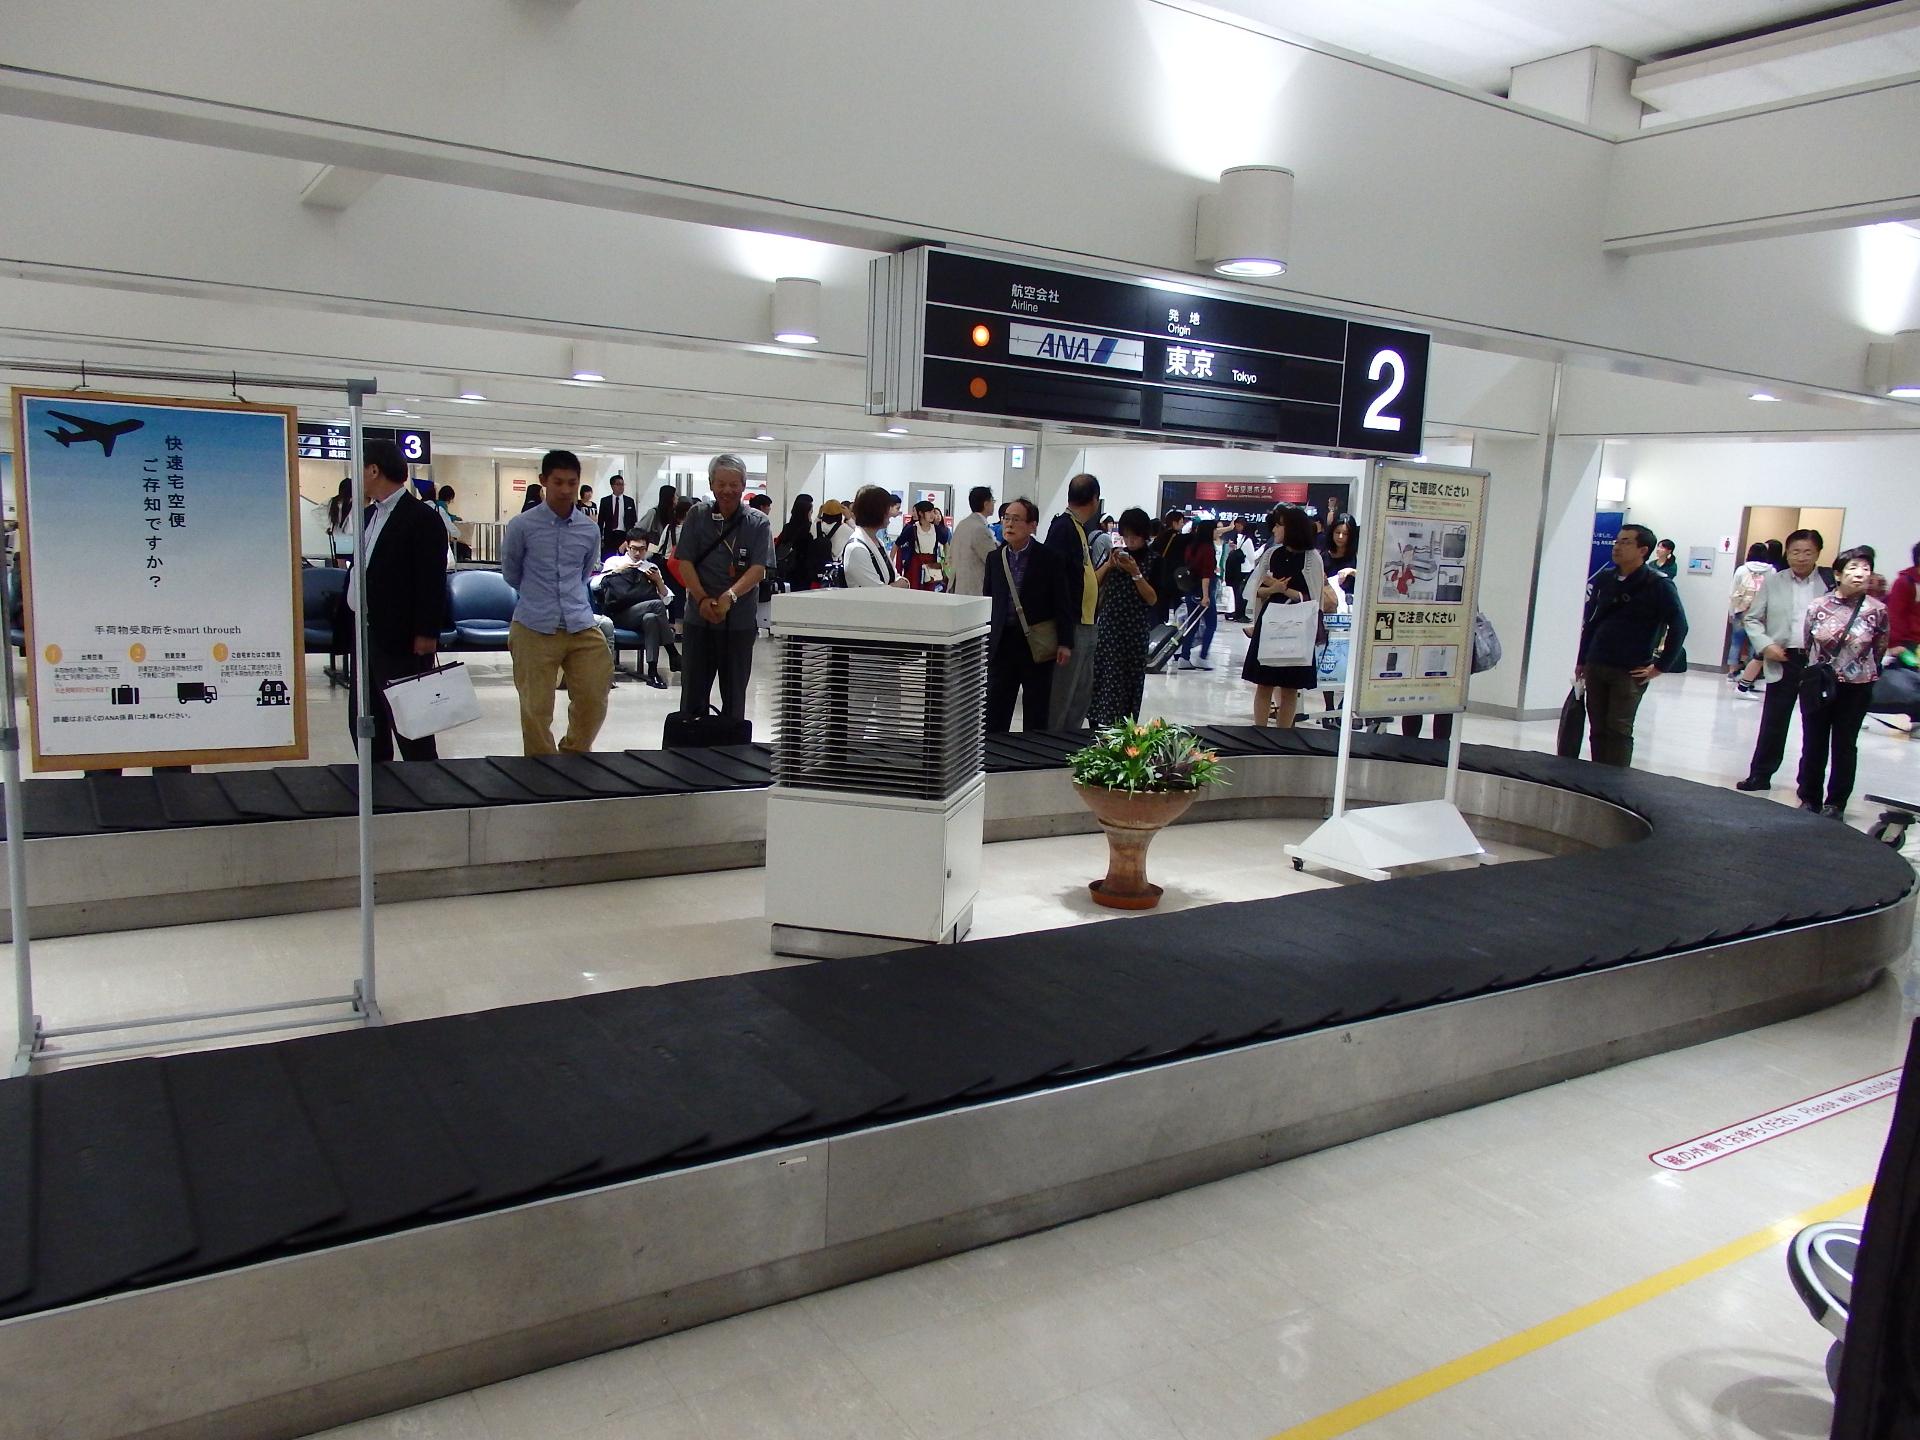 大阪伊丹空港のバゲージ・クレームです。